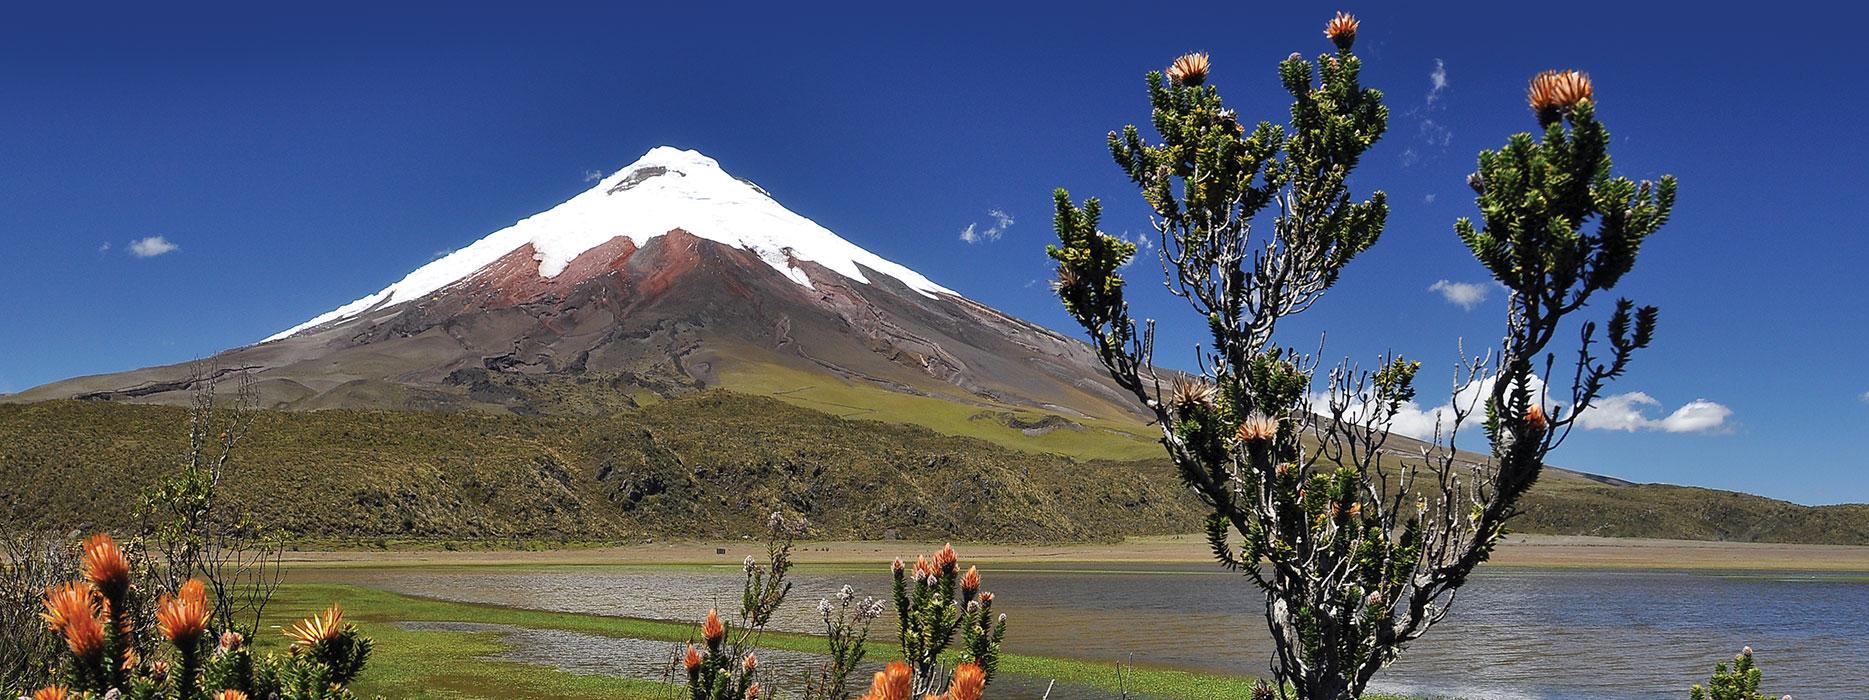 Cotopaxi Volcanoe in Ecuador